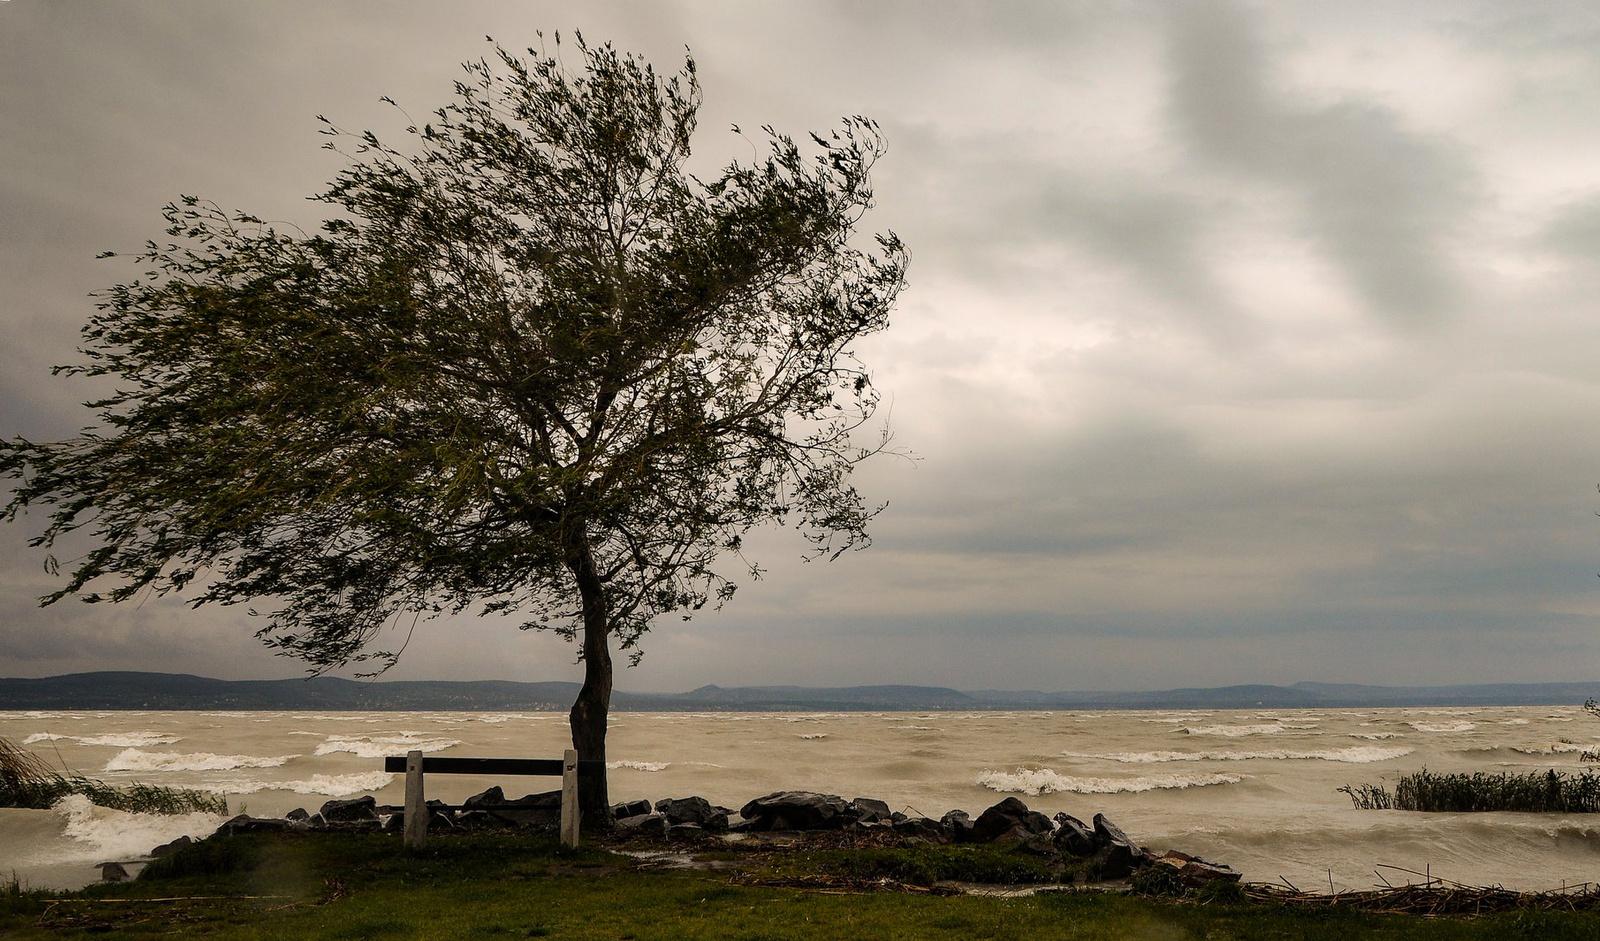 Májusi szélben a parton